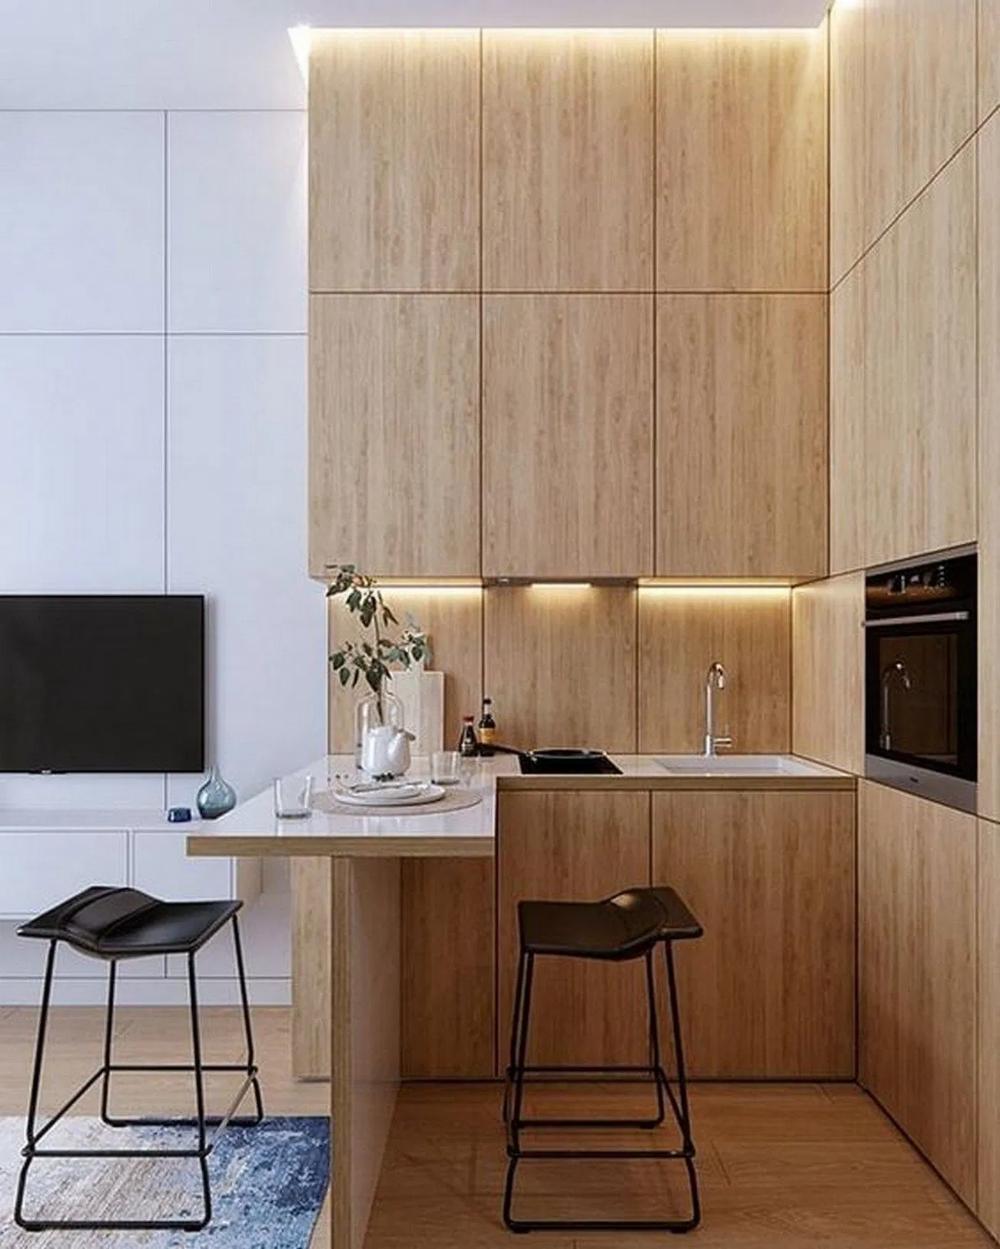 9 Inspiring Kitchen Ideas For Impressive Small Kitchens   Home ...